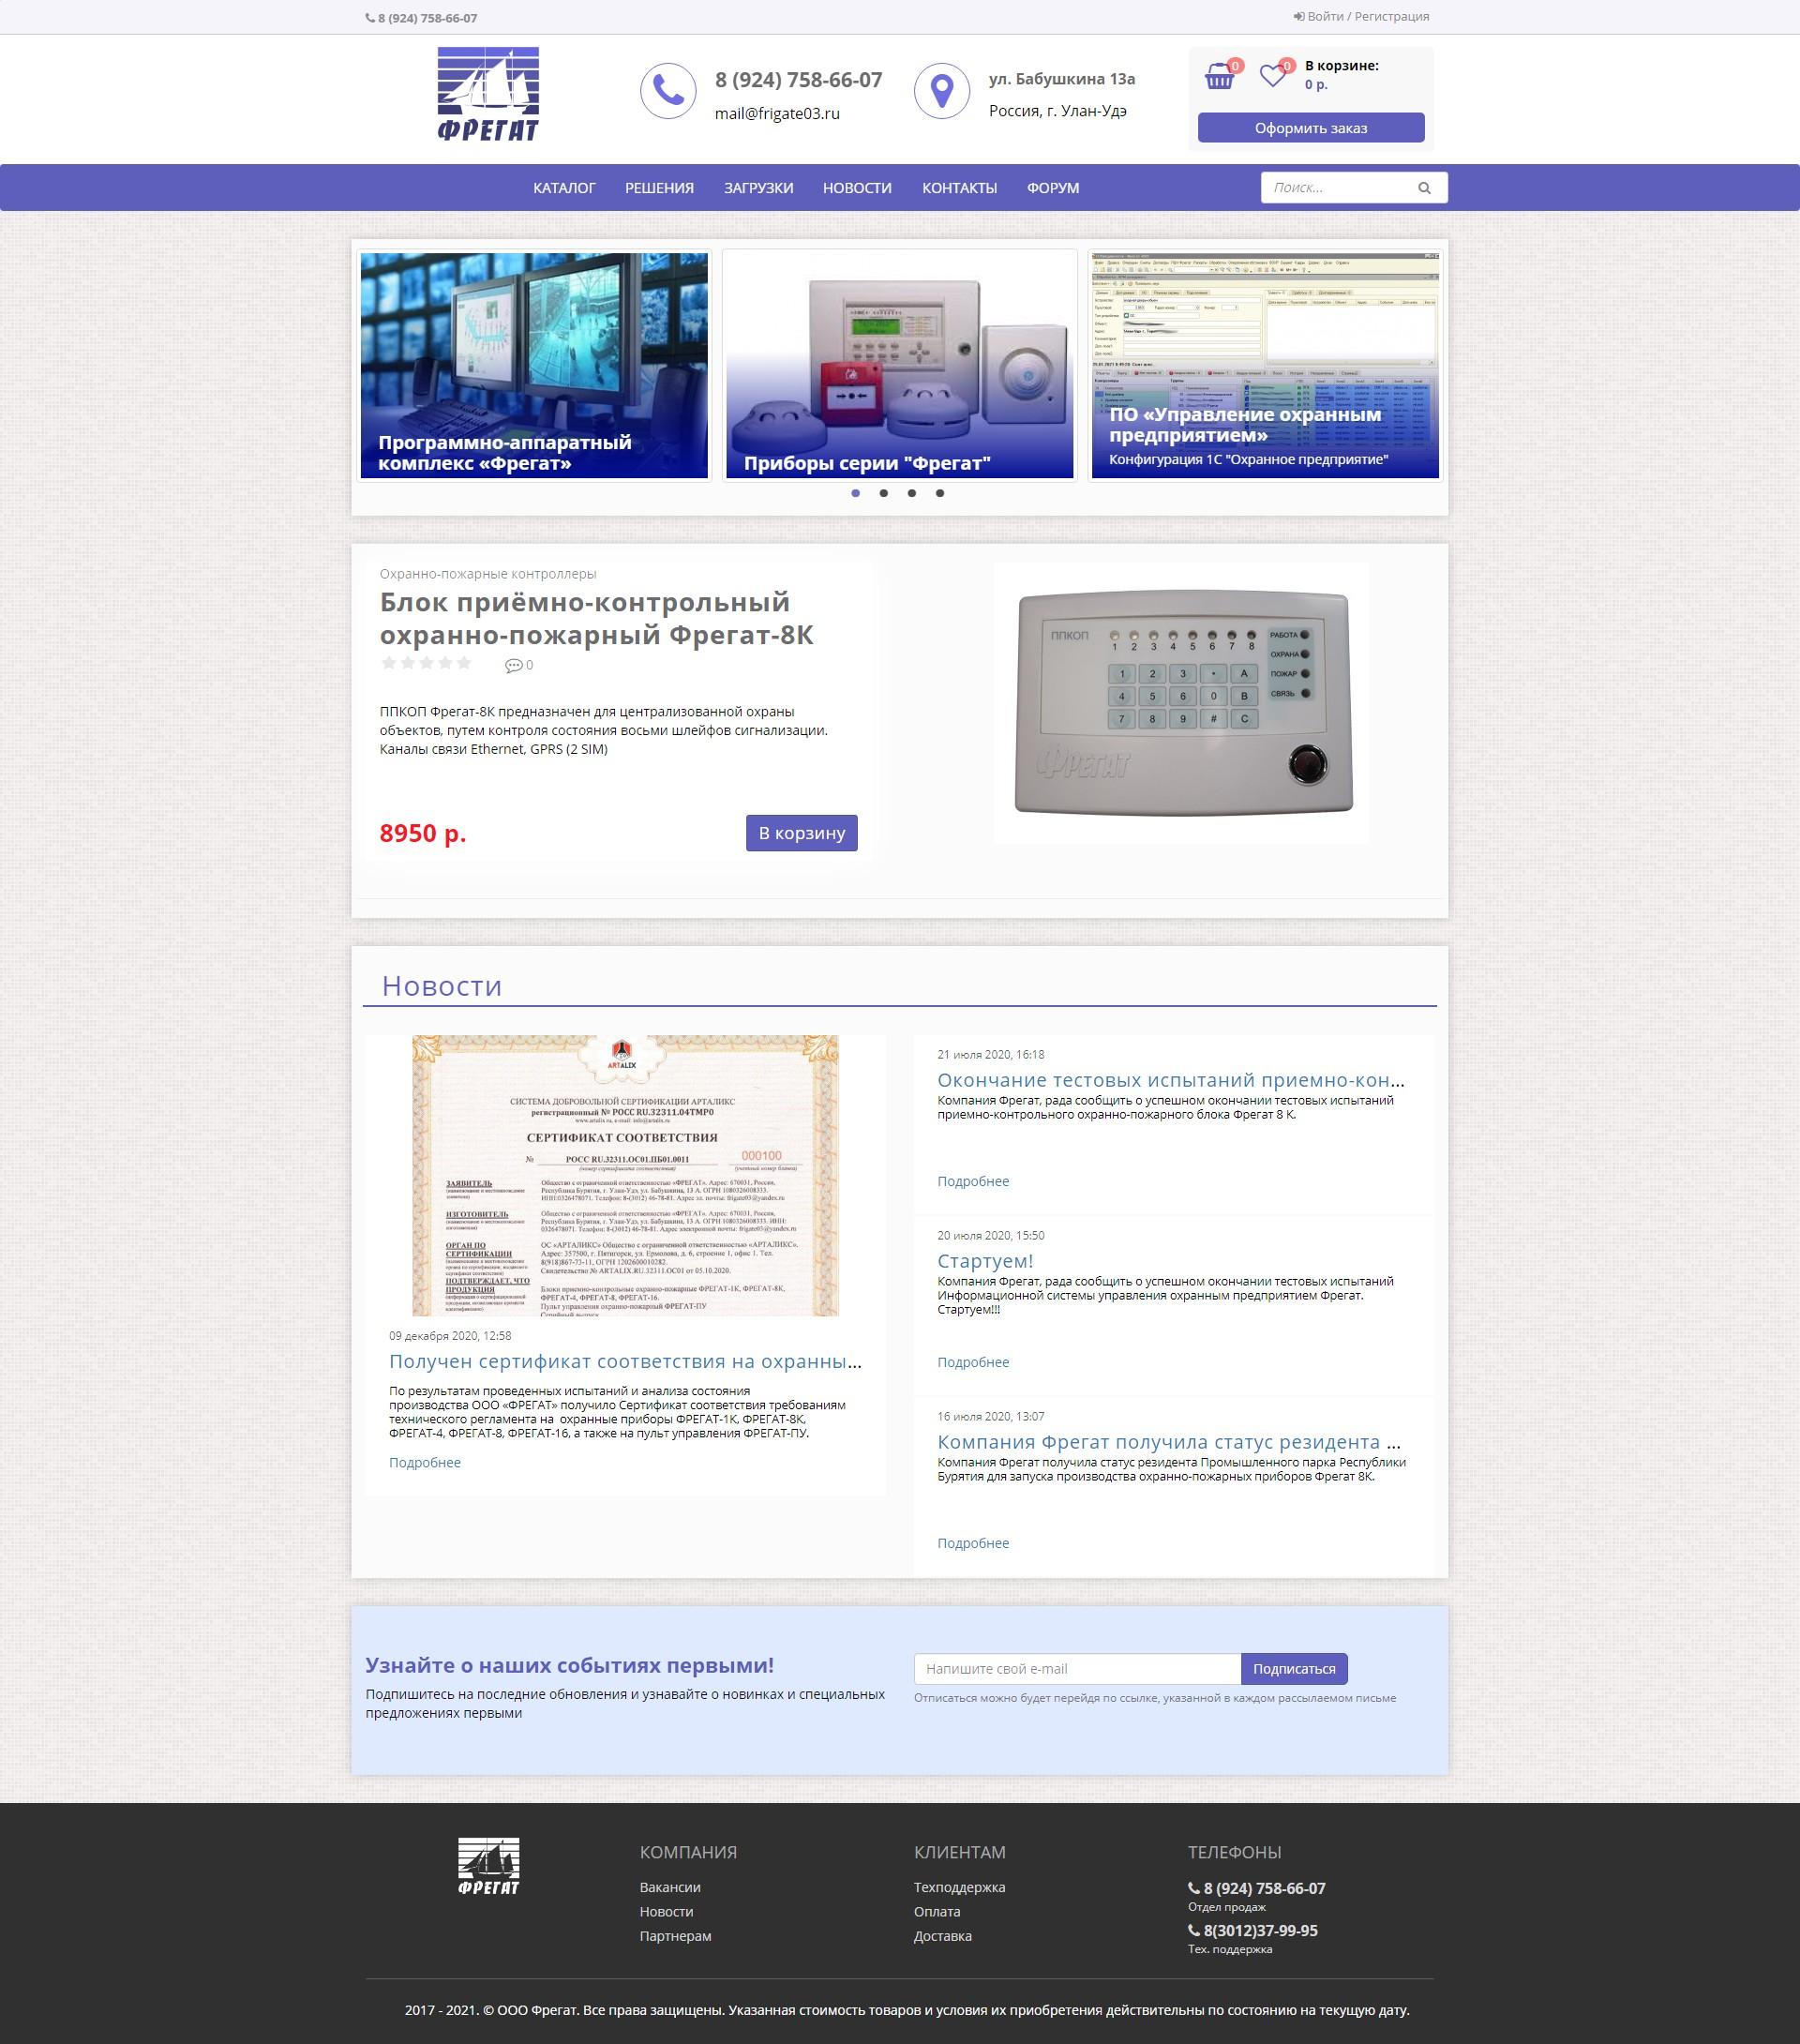 Интернет магазин по продаже оборудования для систем безопасности